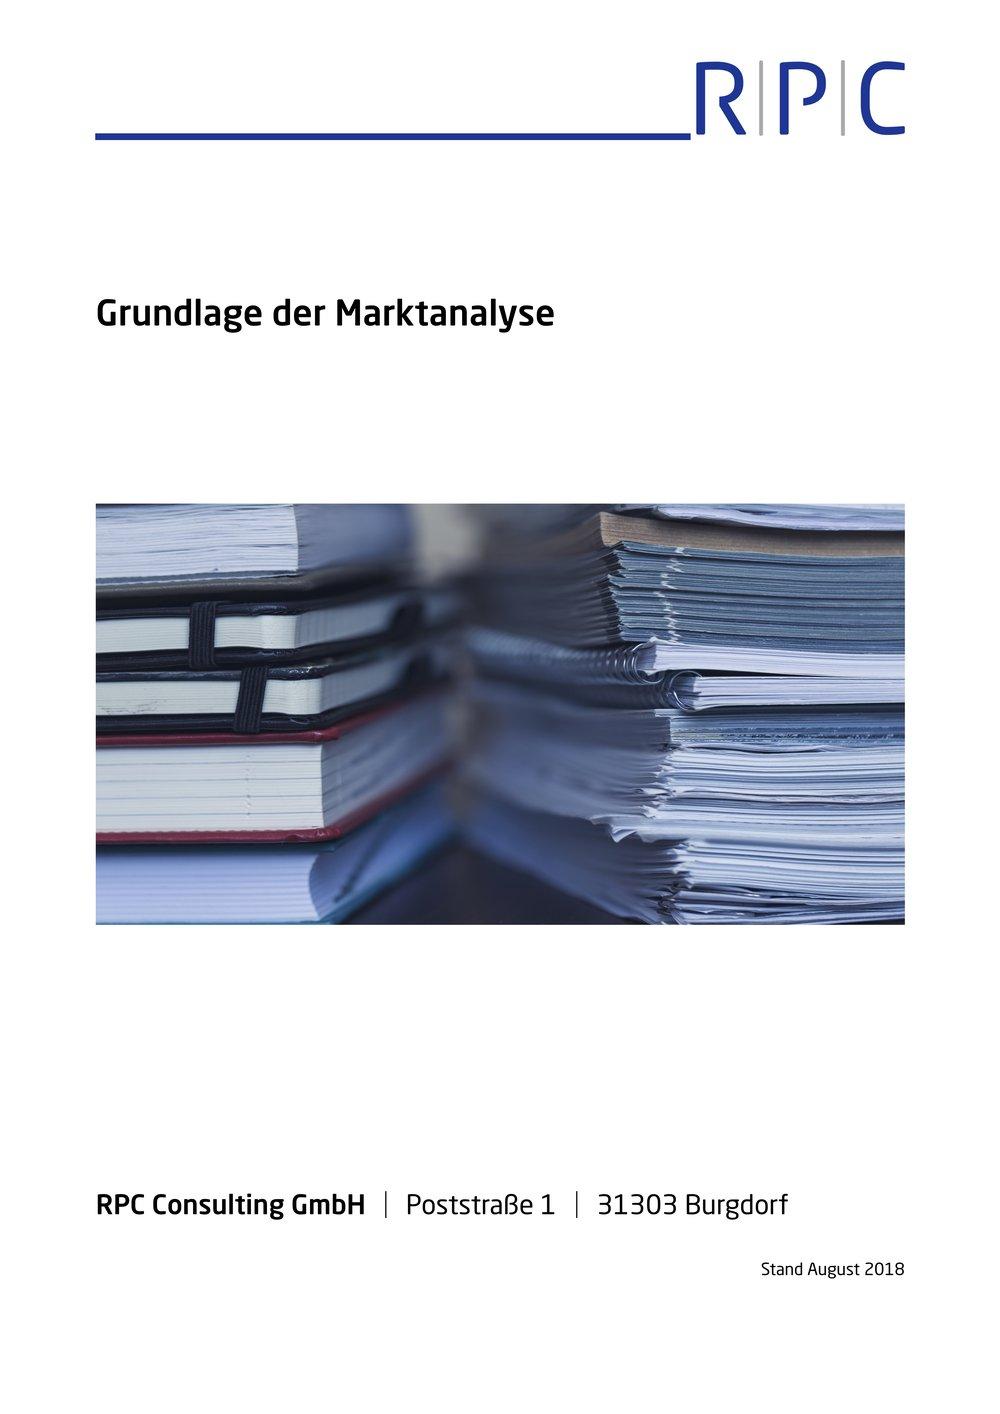 Marktanalyse - Grundlagen der Marktanalyse